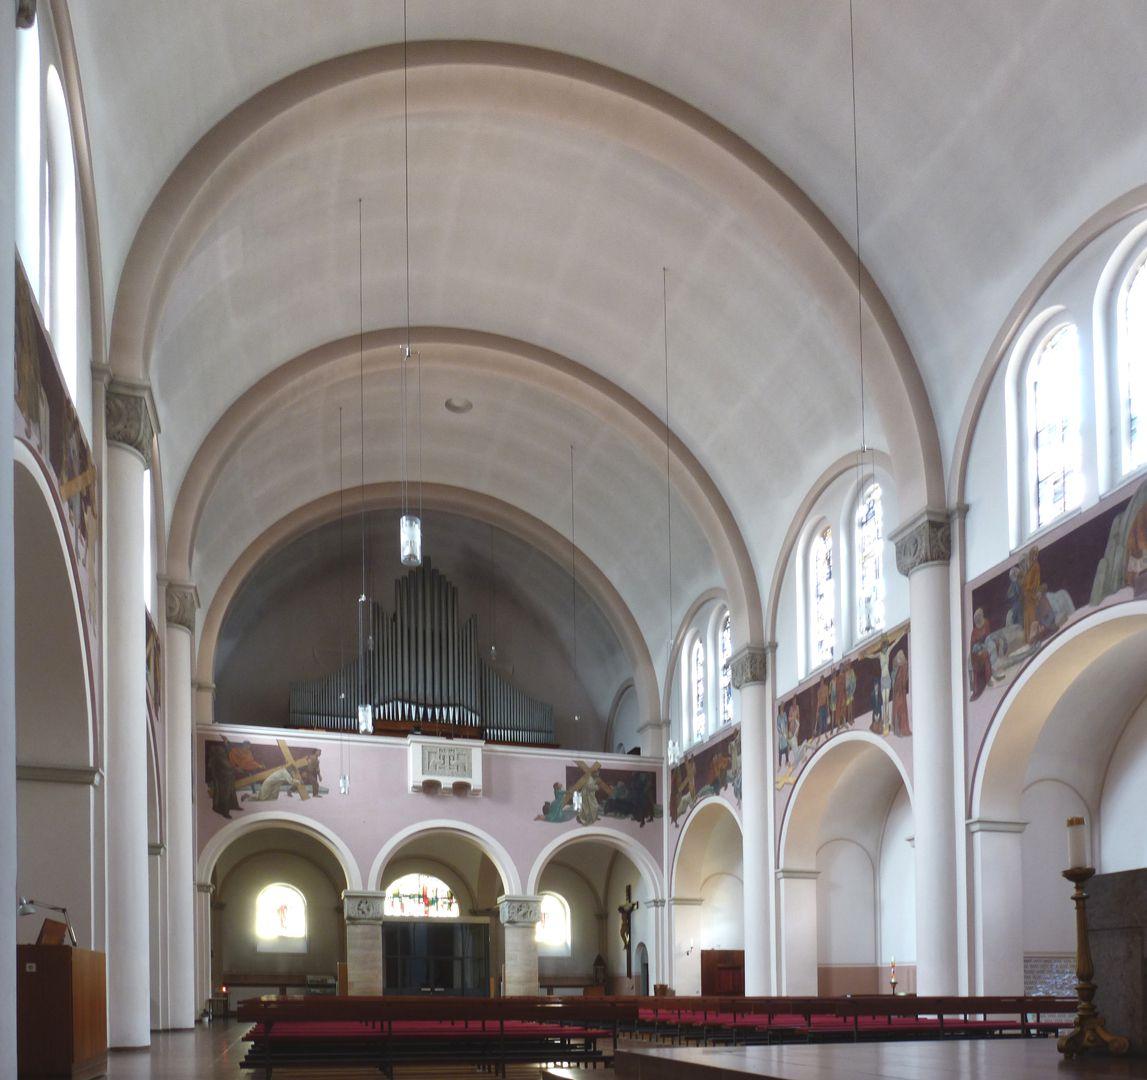 St. Anton Blick auf die Orgelempore